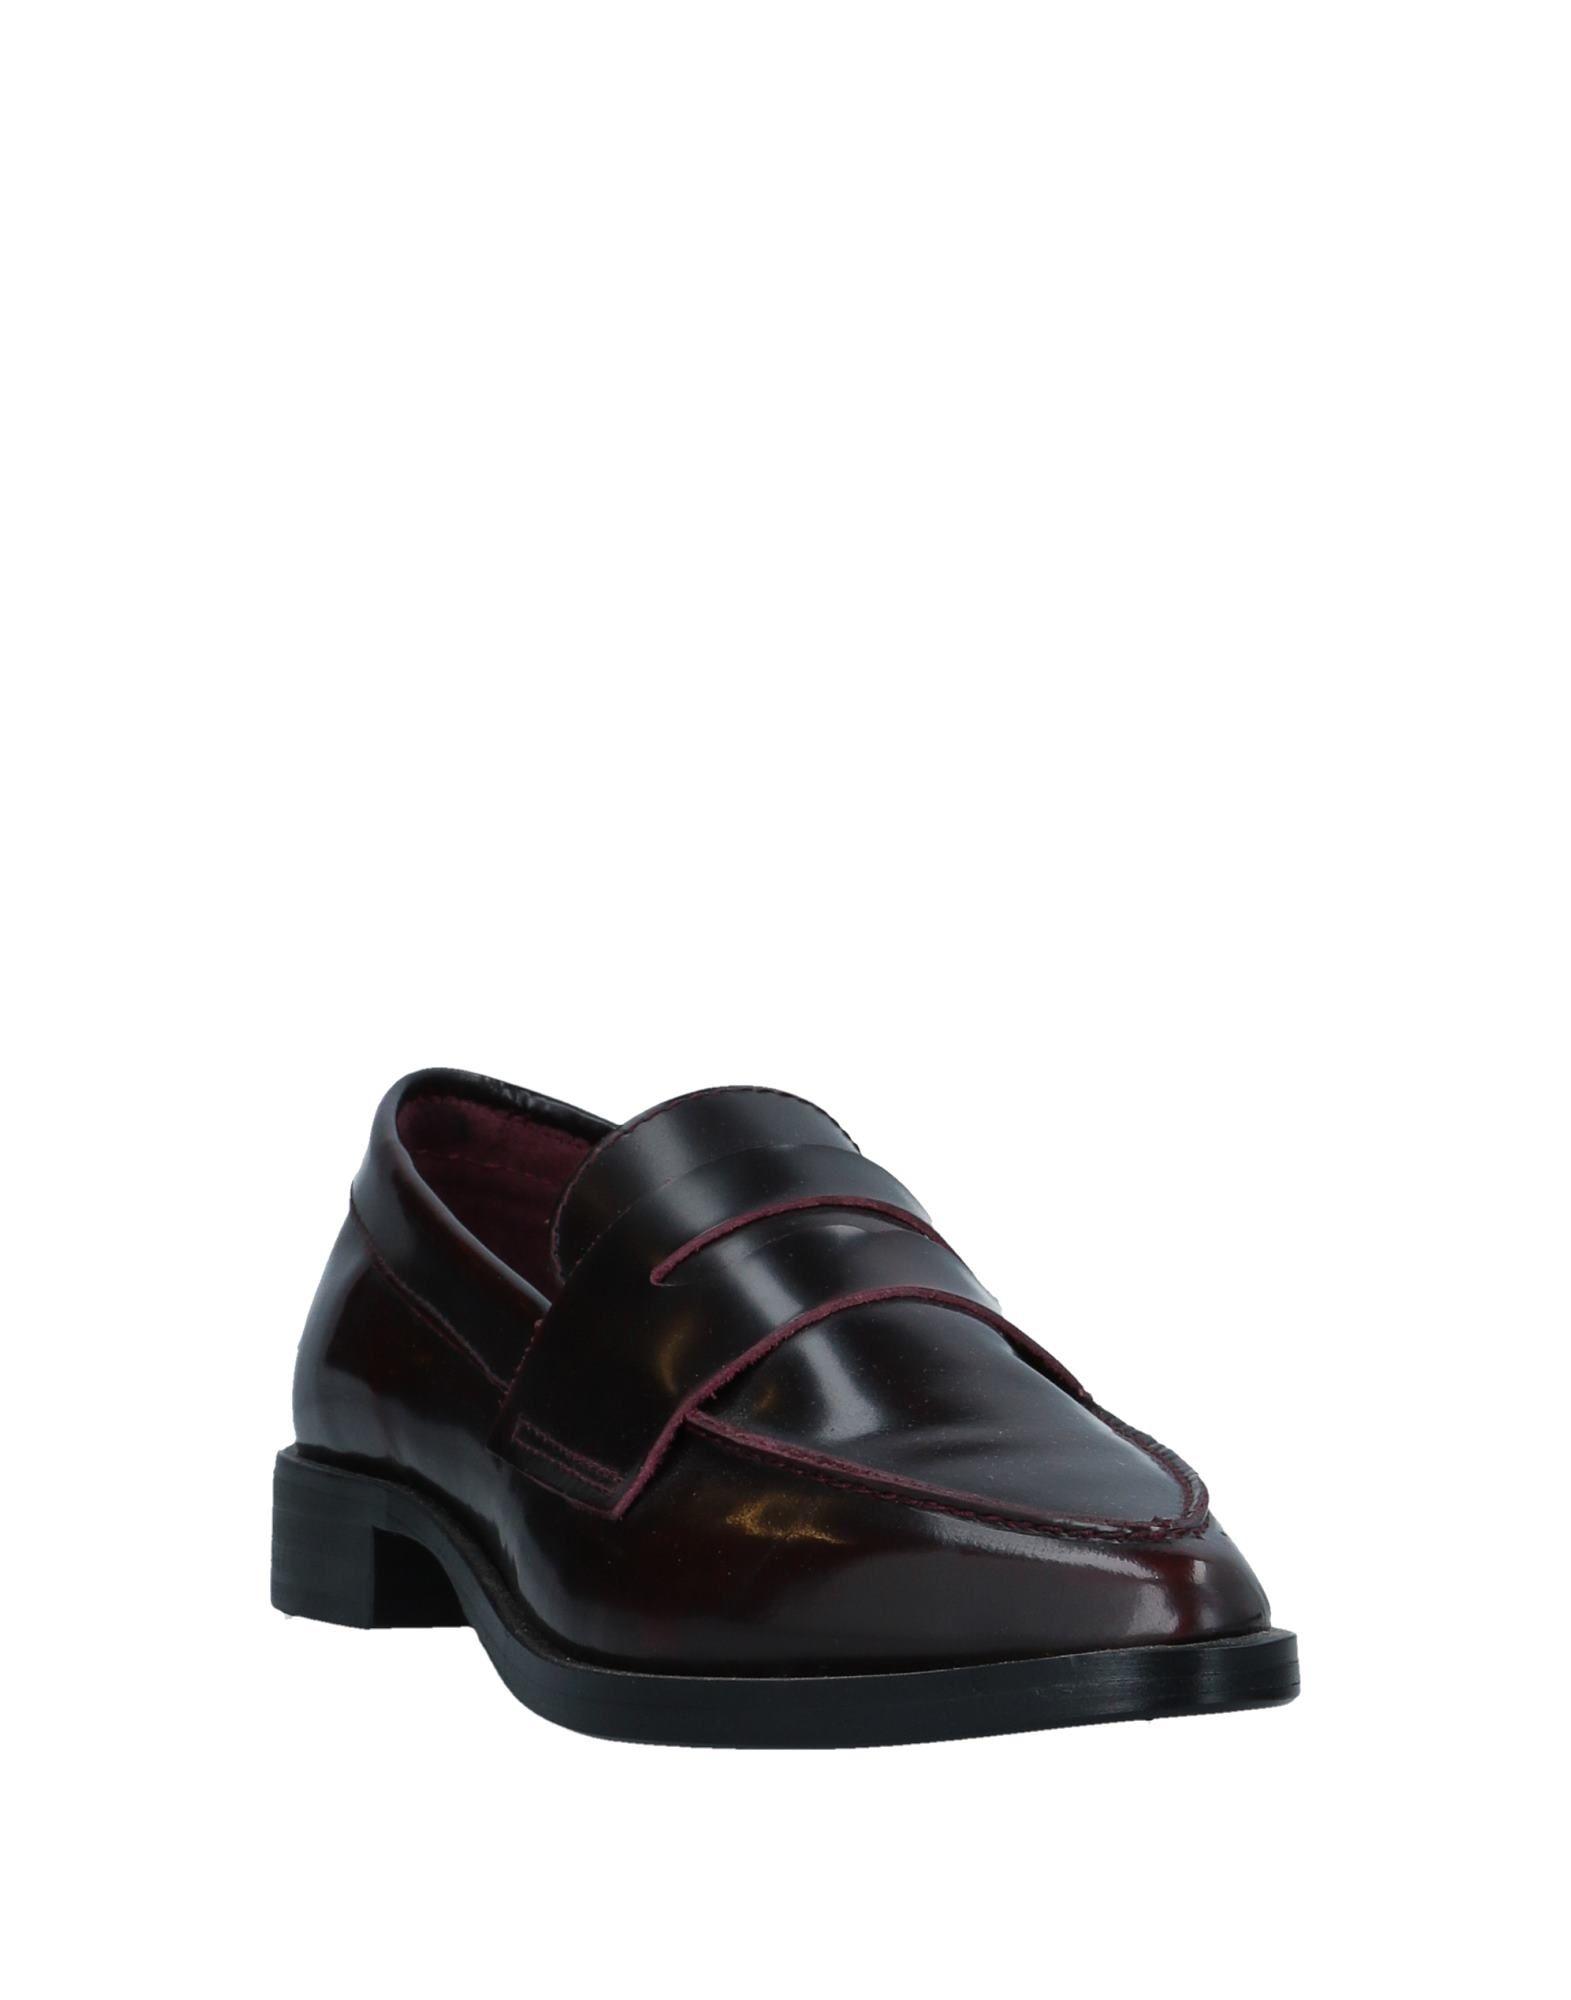 Steve Madden Mokassins Damen Qualität 11504592XO Gute Qualität Damen beliebte Schuhe 919282